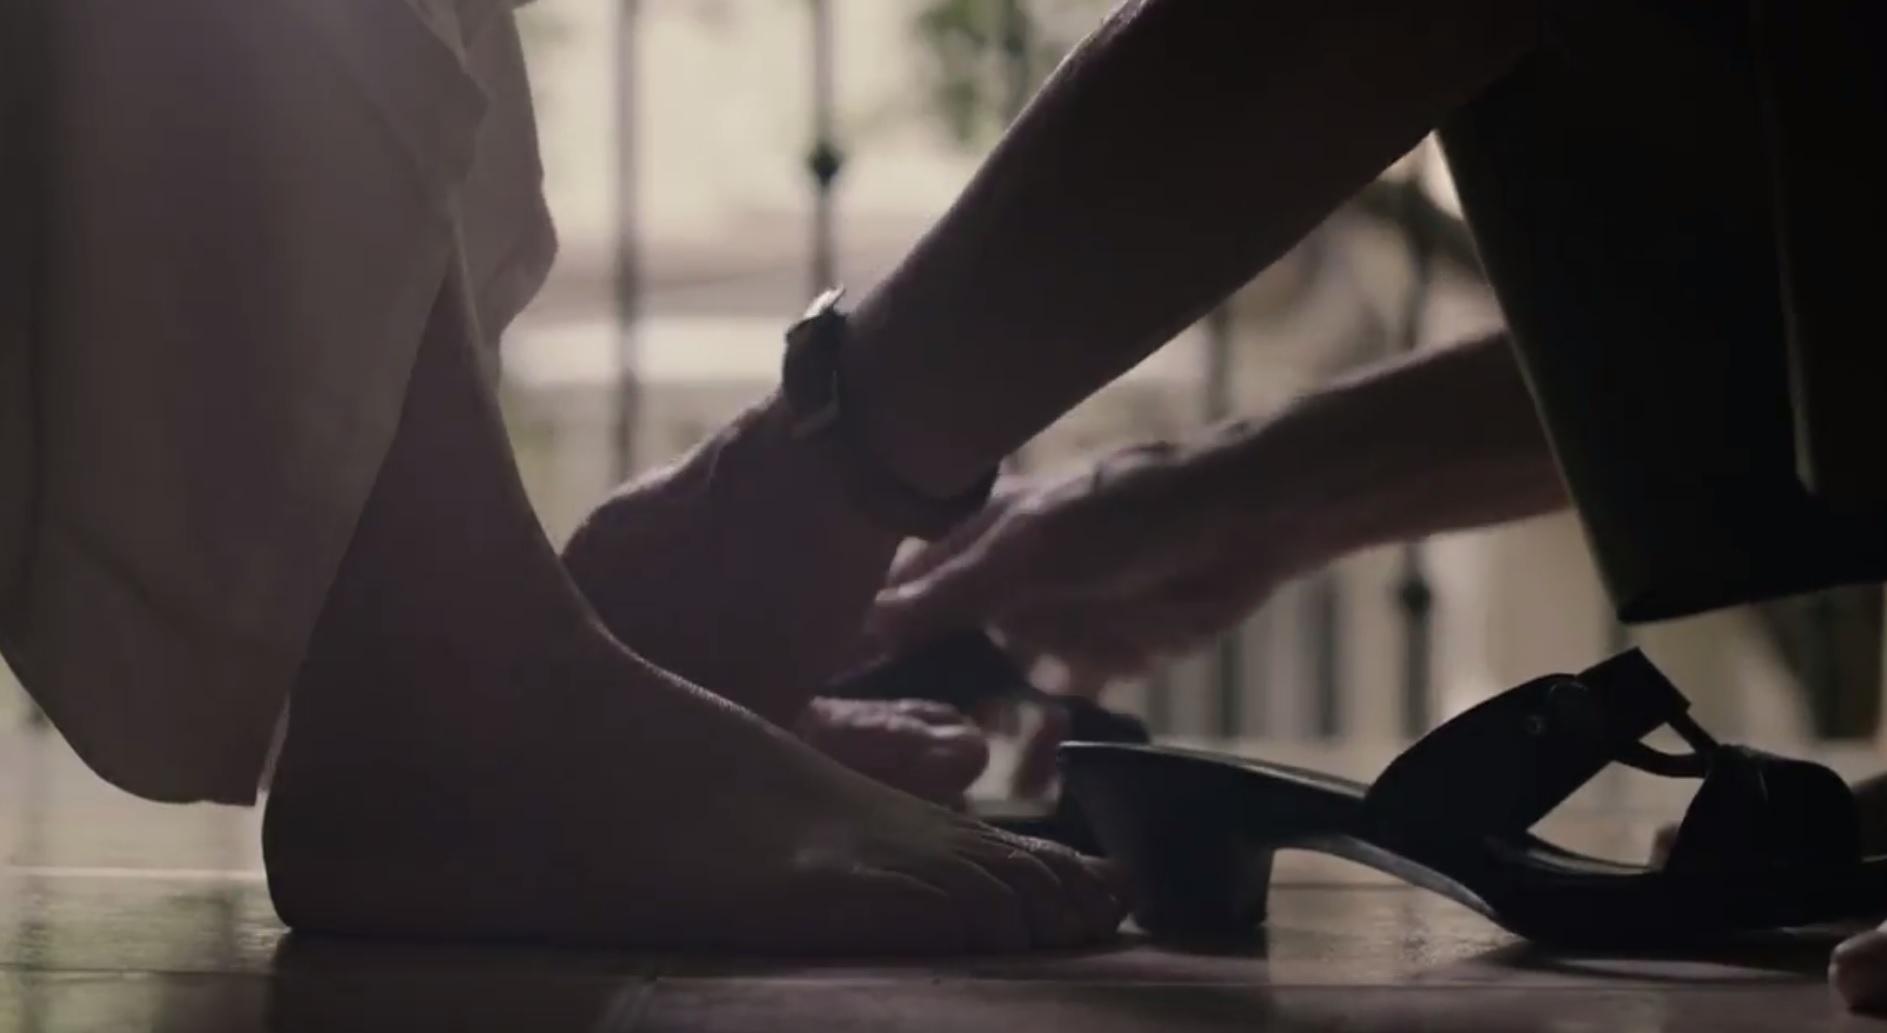 Clip tình yêu lấy nước mắt người xem: Yêu không nhất thiết phải ở bên nhau trọn đời - Ảnh 7.